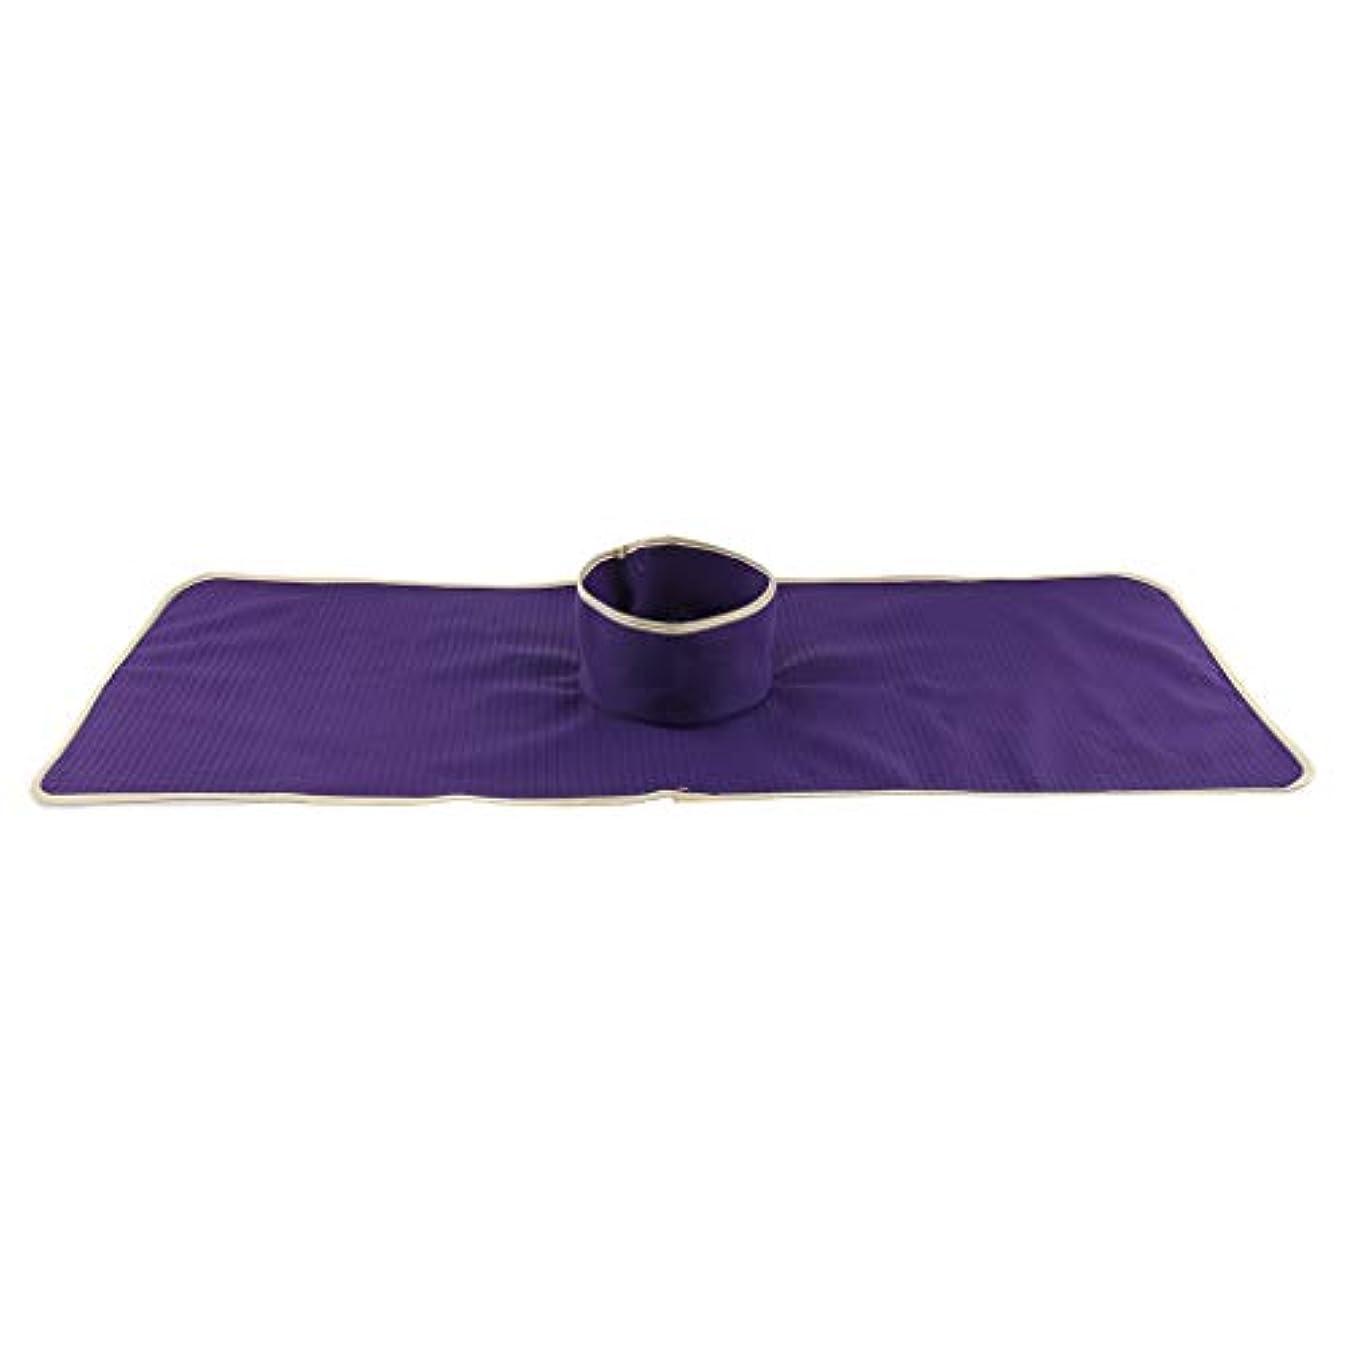 新鮮なセミナー達成サロン 美容院 マッサージのベッド パッド 穴付き 洗える 約90×35cm 全3色 - 紫